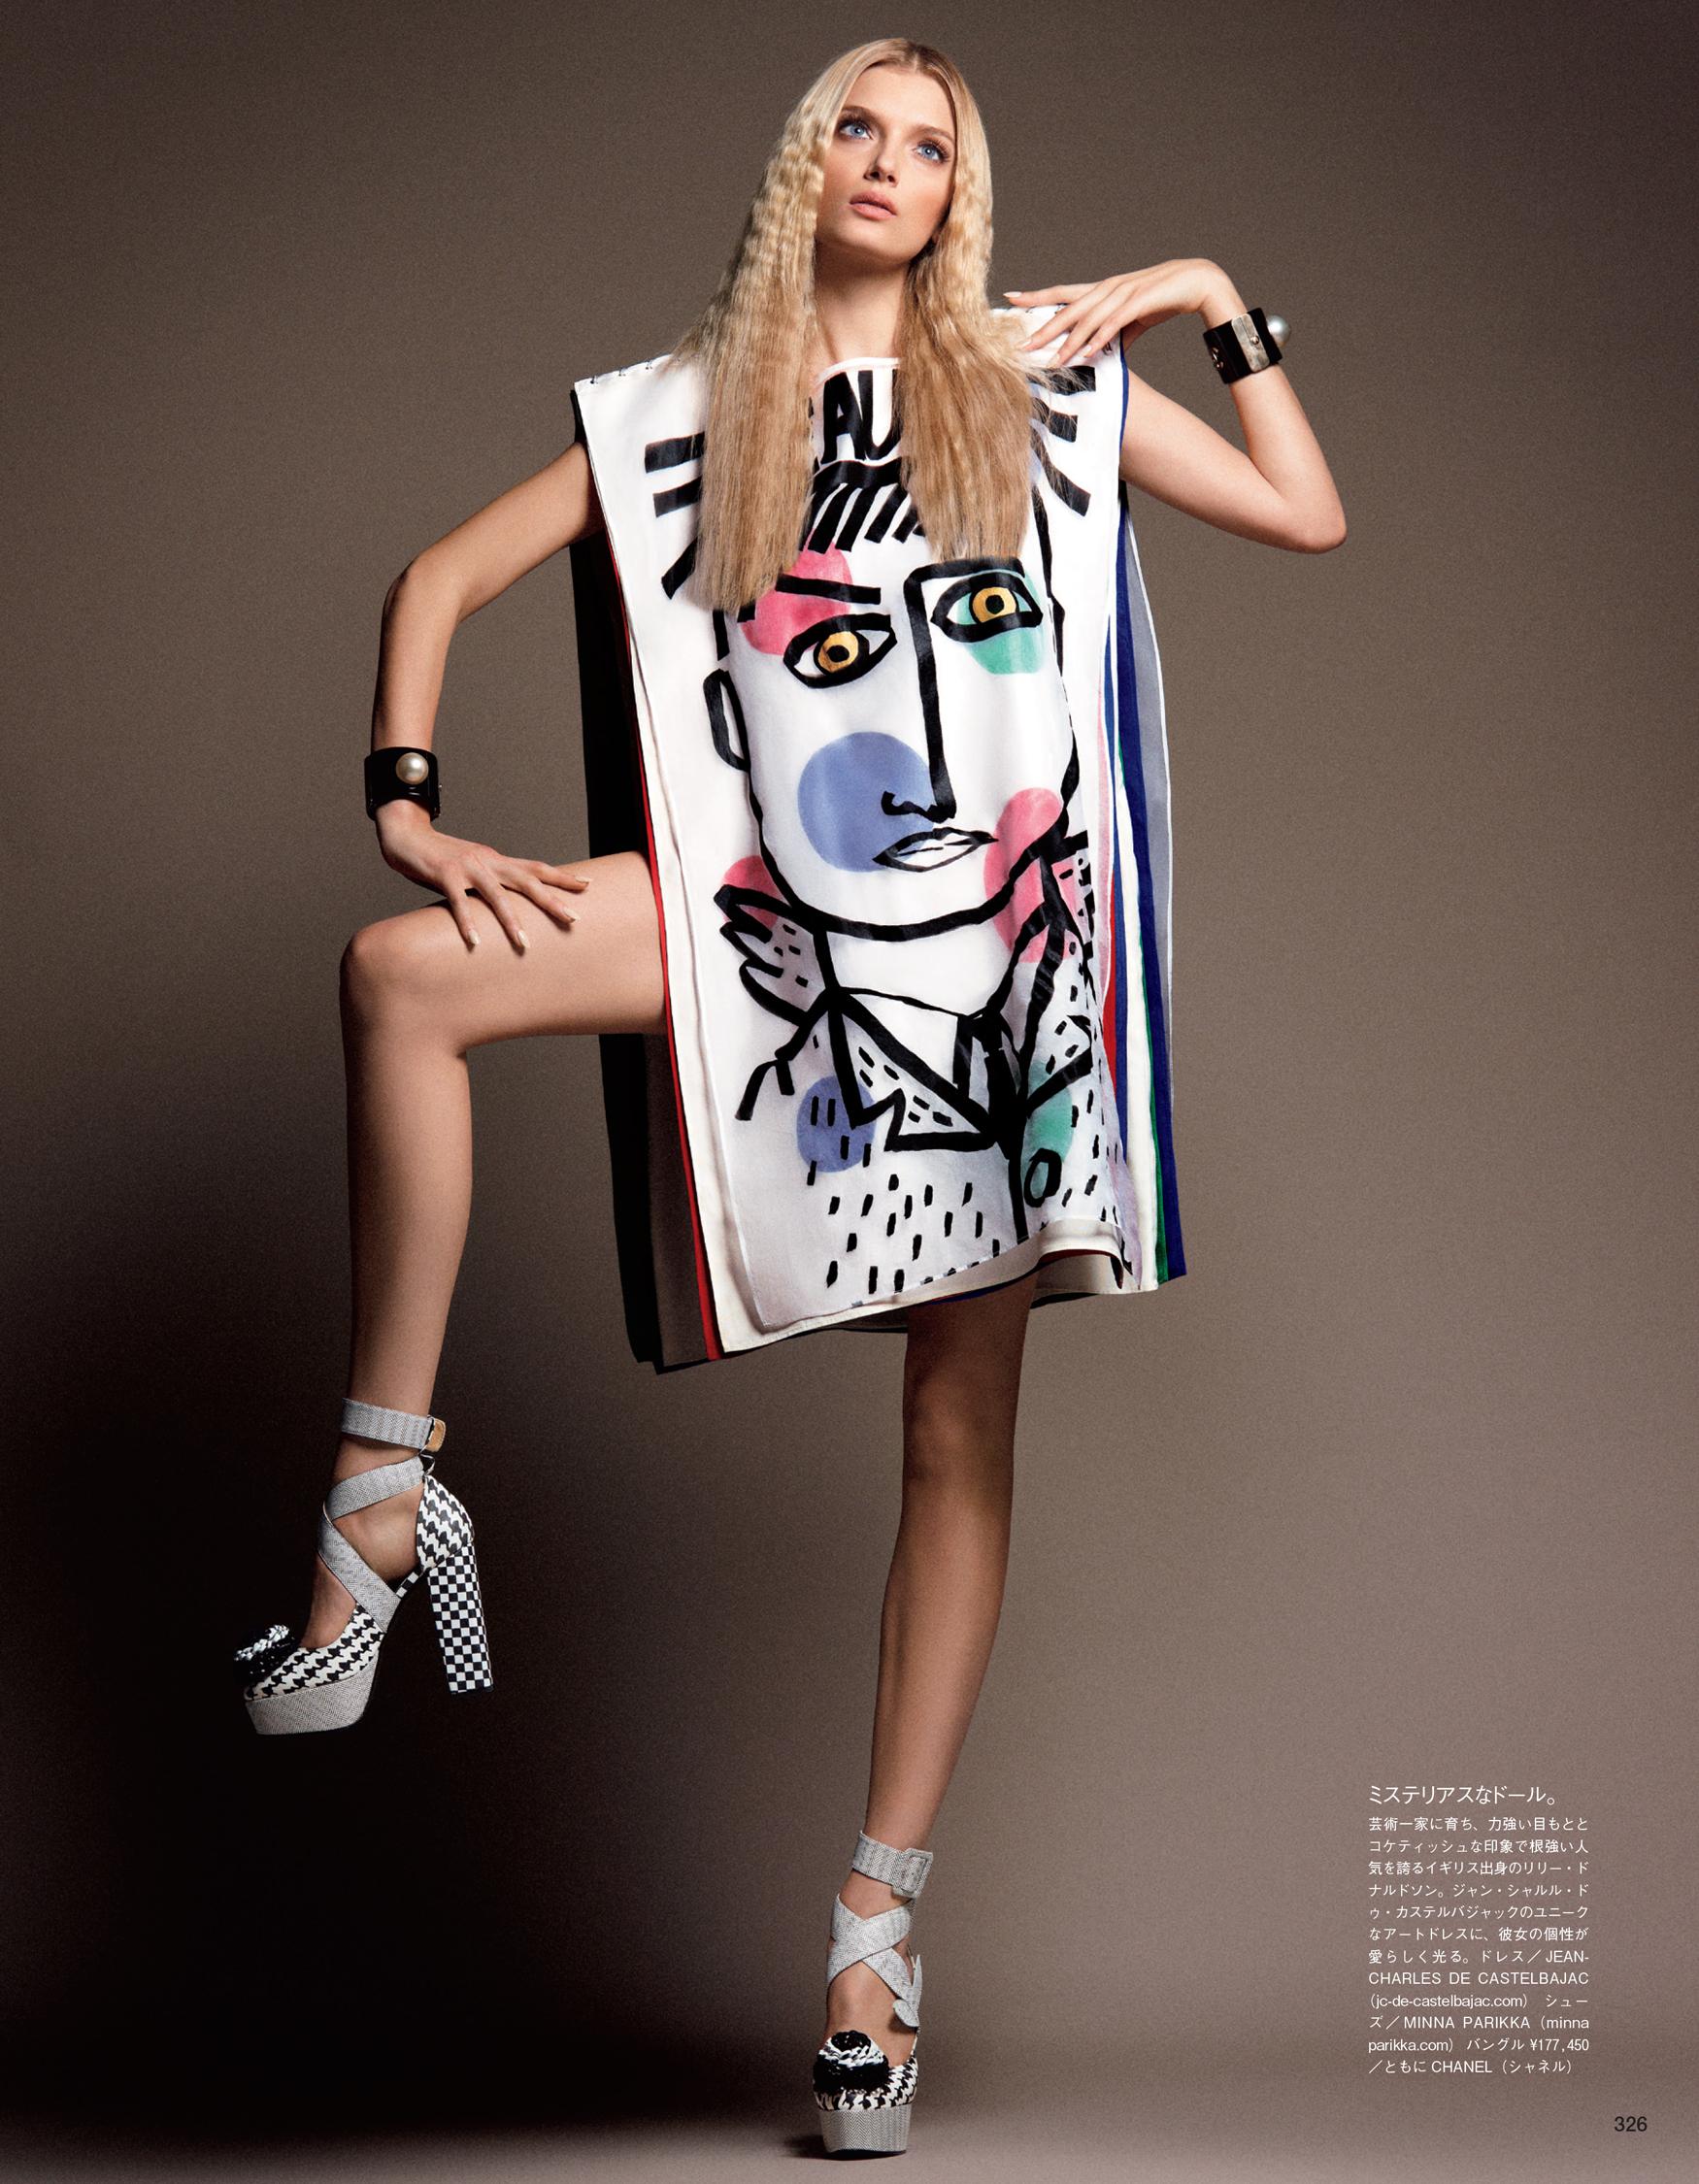 Giovanna-Battaglia-9-Style-Has-Many-Faces-Vogue-Japan-Daniele-Duella-Iango-Henzi.jpg